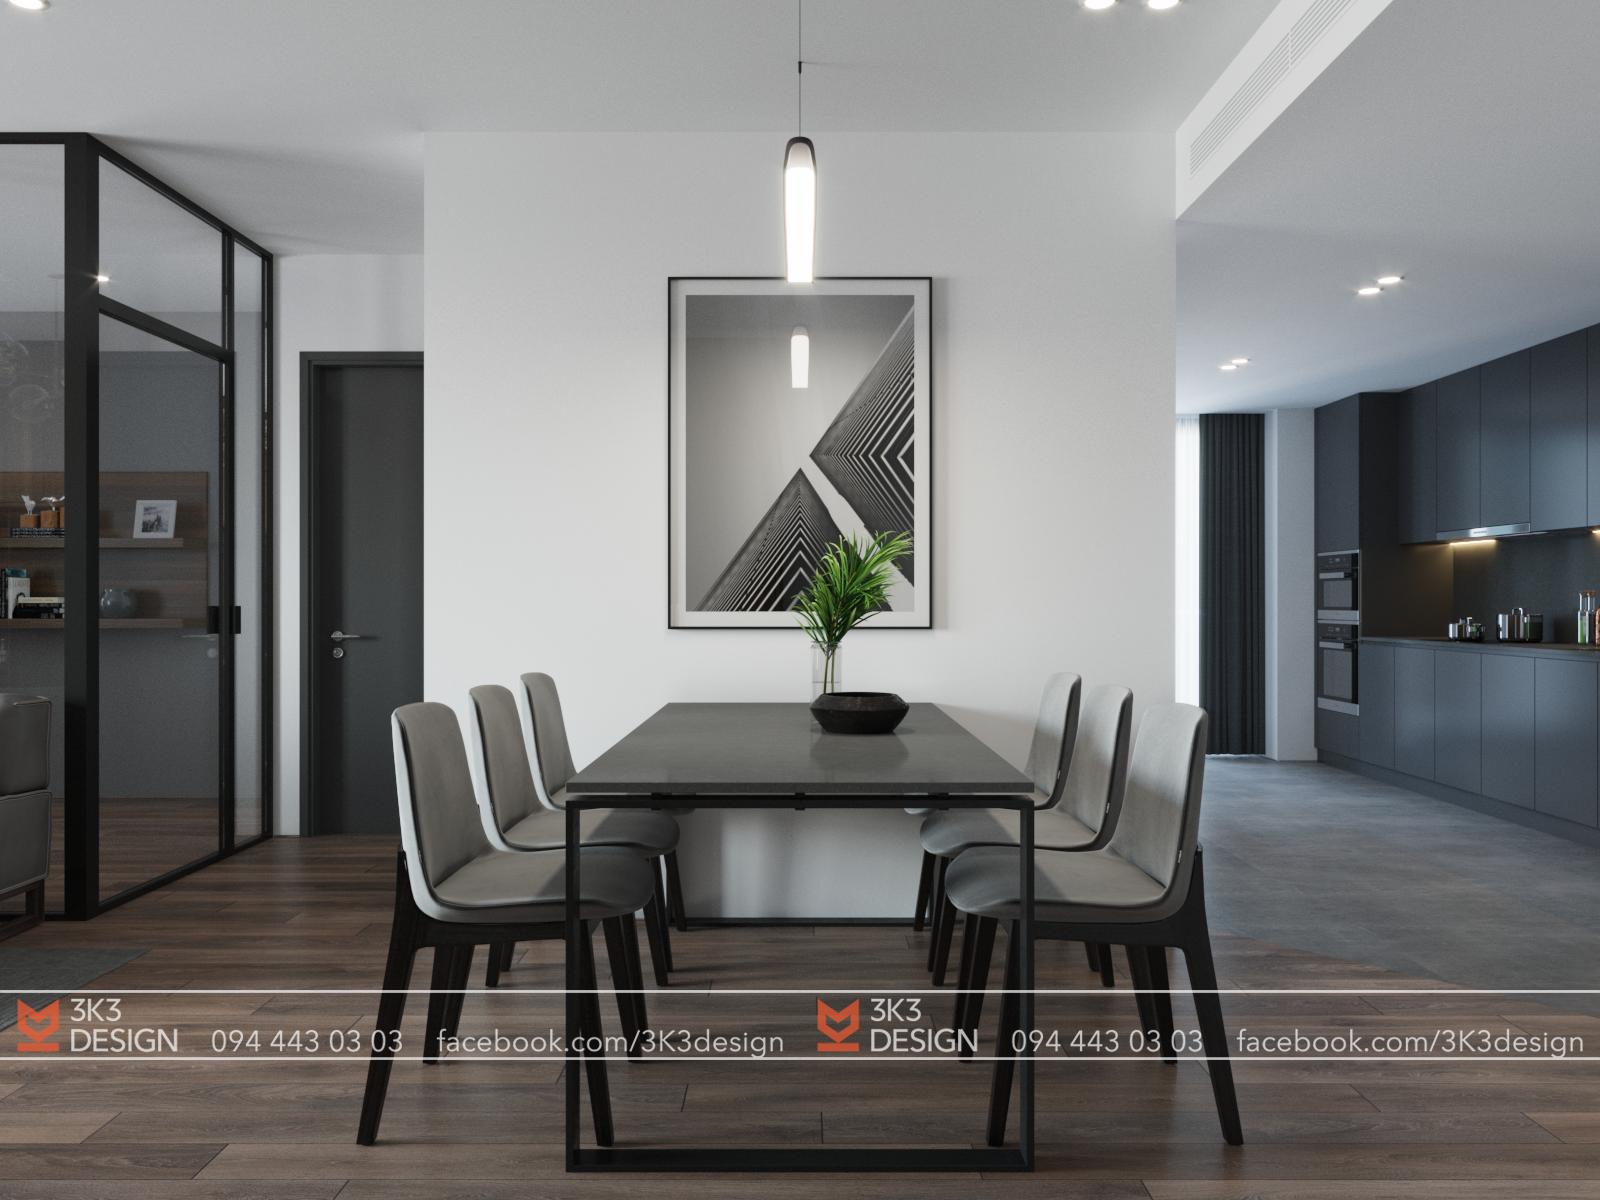 thiết kế nội thất chung cư tại Hà Nội VIMECO APARTMENT 11 1565080502